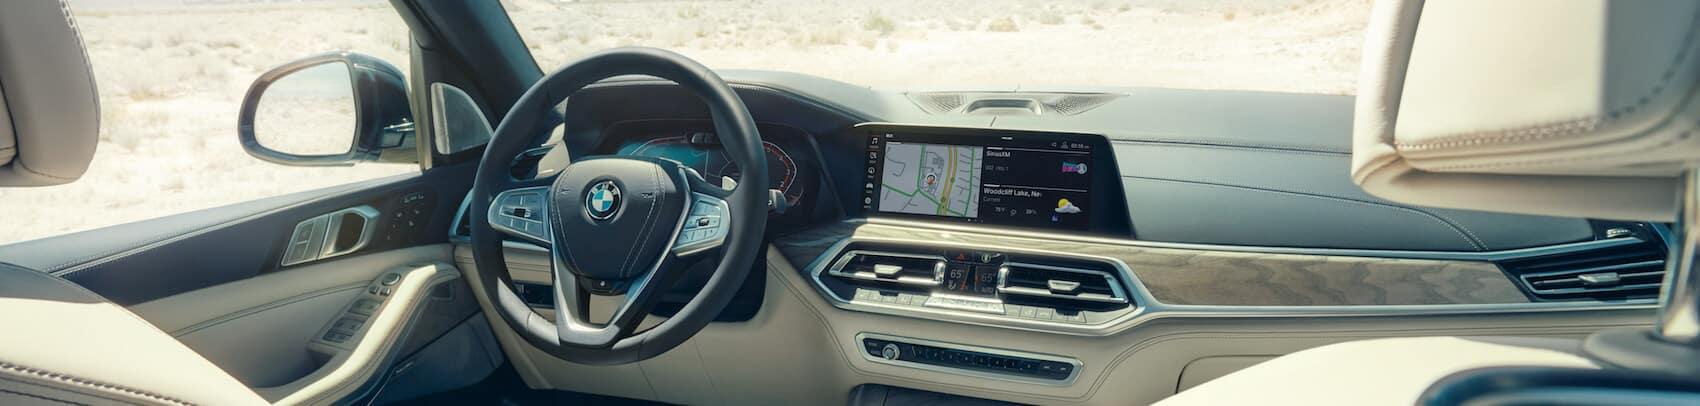 2020 BMW X7 technology Pensacola, FL